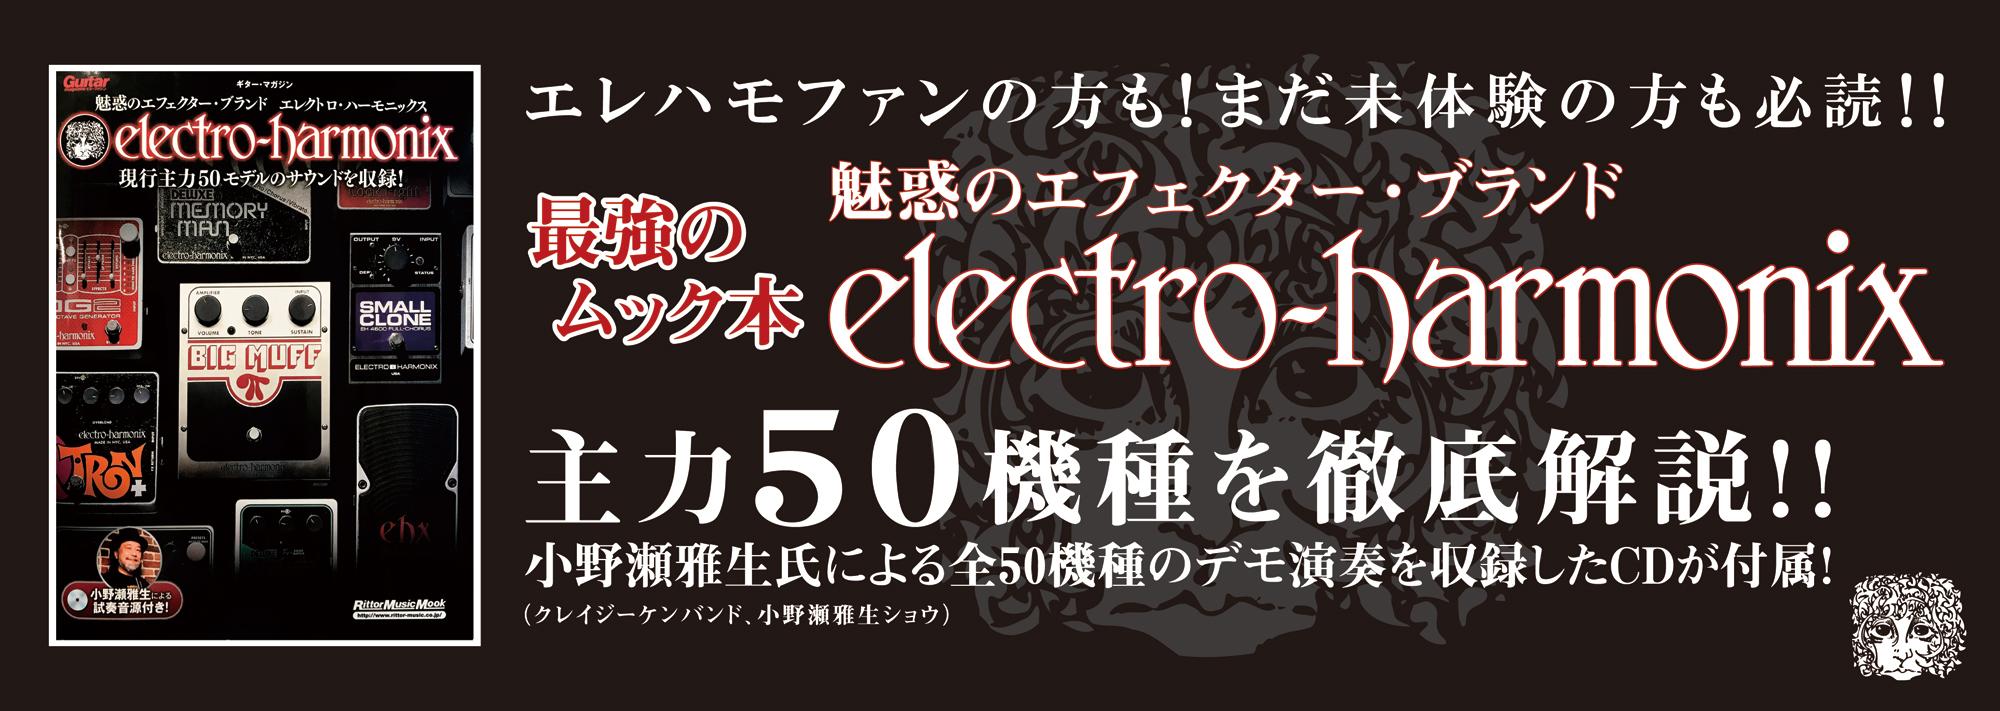 魅惑のエフェクター・ブランド: エレクトロ・ハーモニックスのムック本発売!